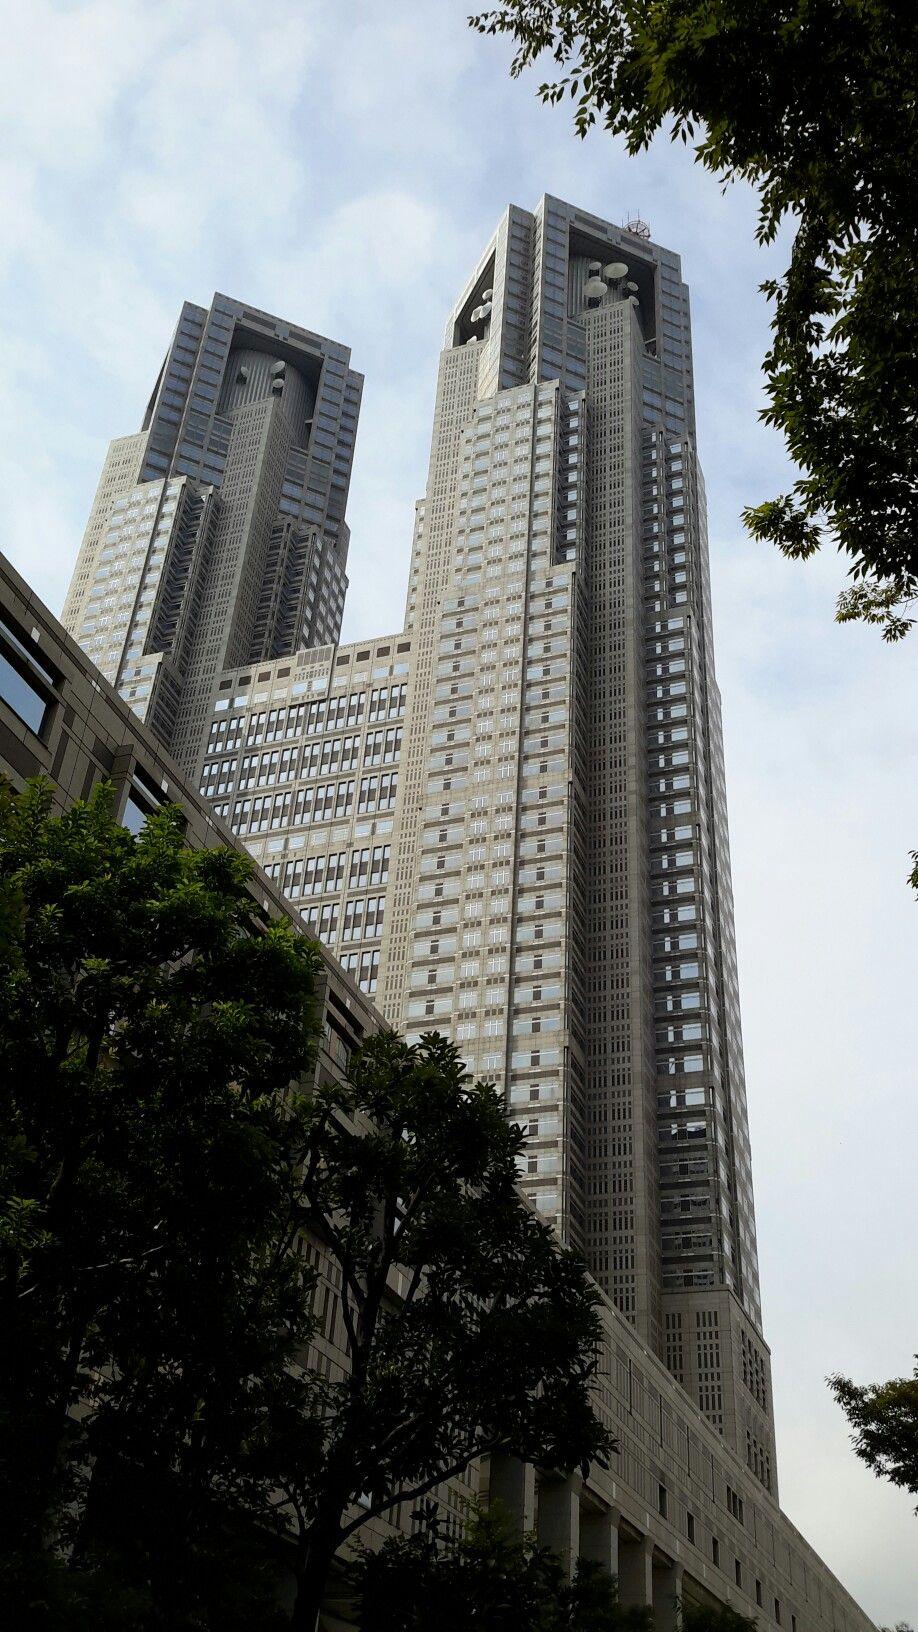 Tokyo tocho (Tokyo Metropolitan Government Building), Tokyo, Japan